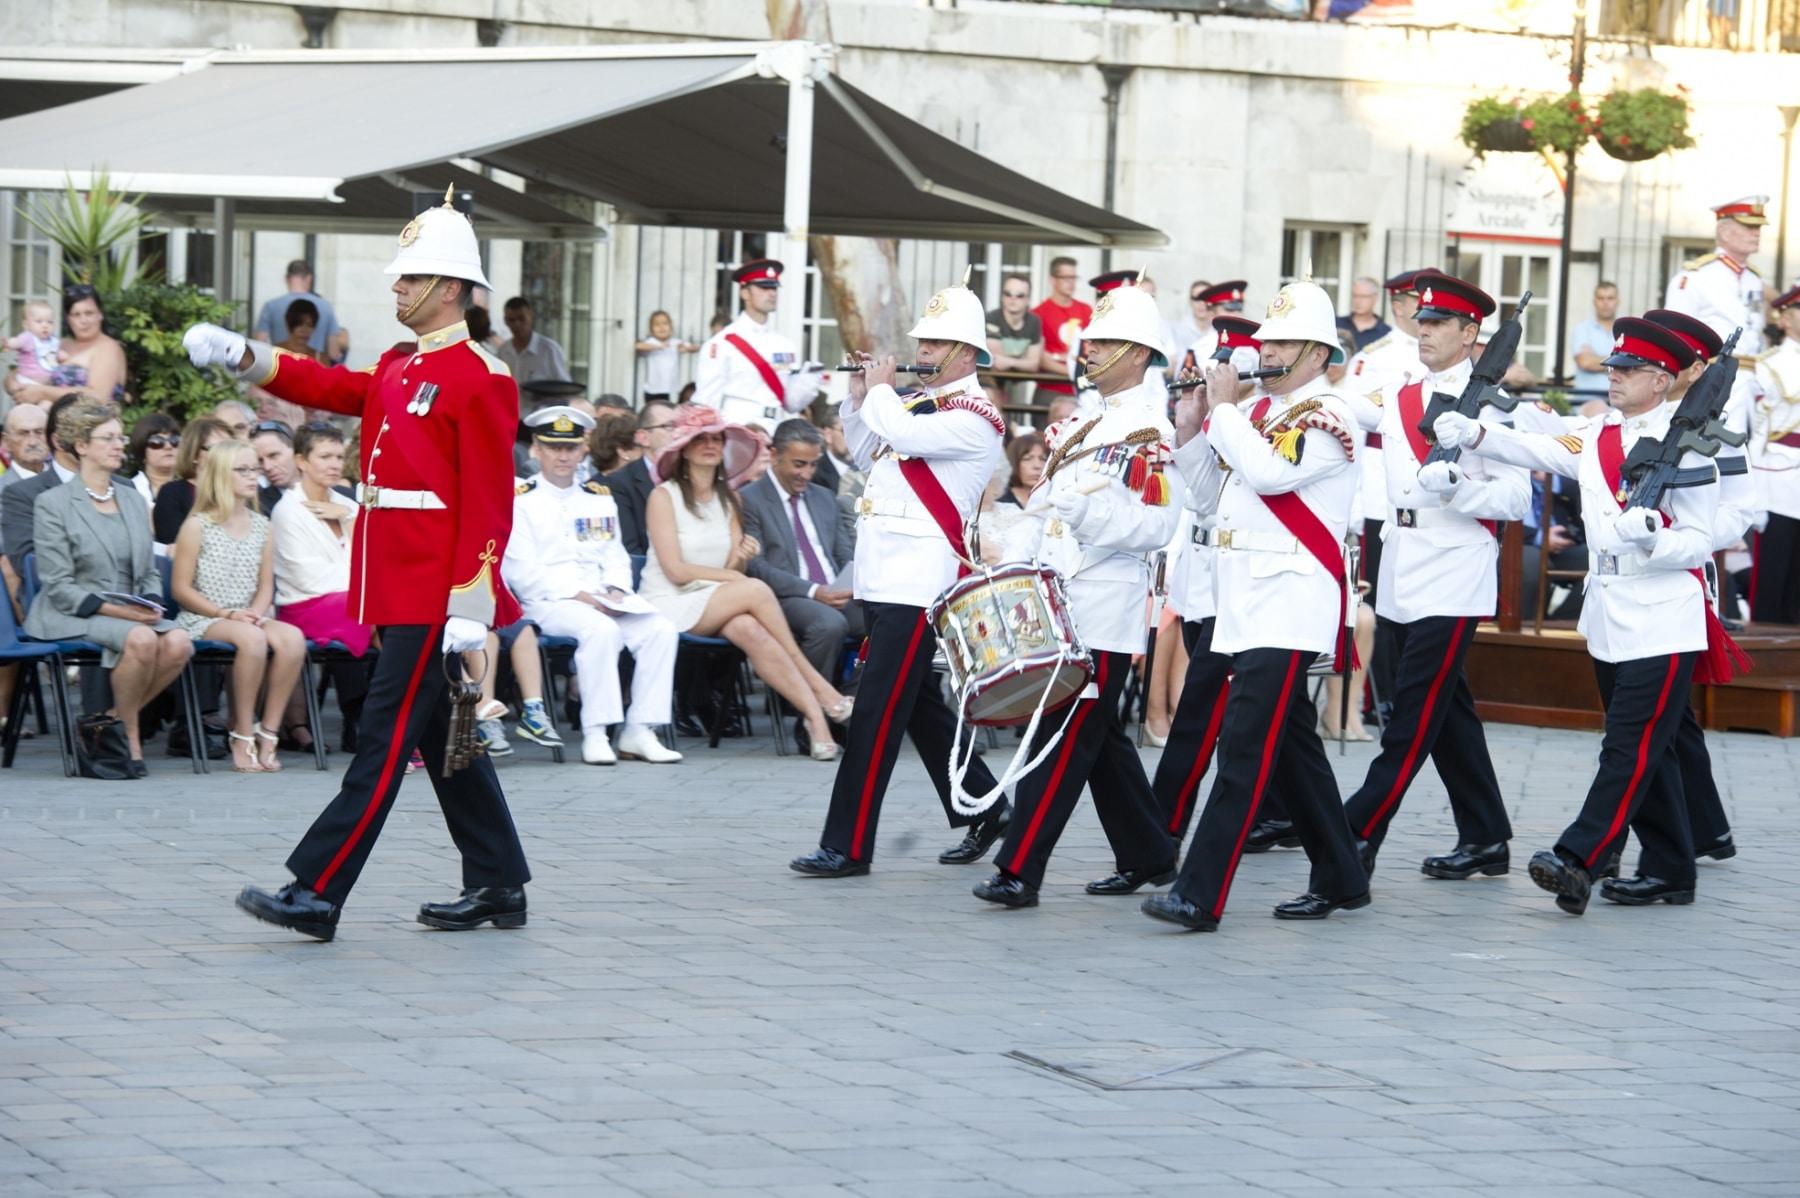 ceremonia-de-las-llaves-gibraltar-25092014-18_15171281428_o